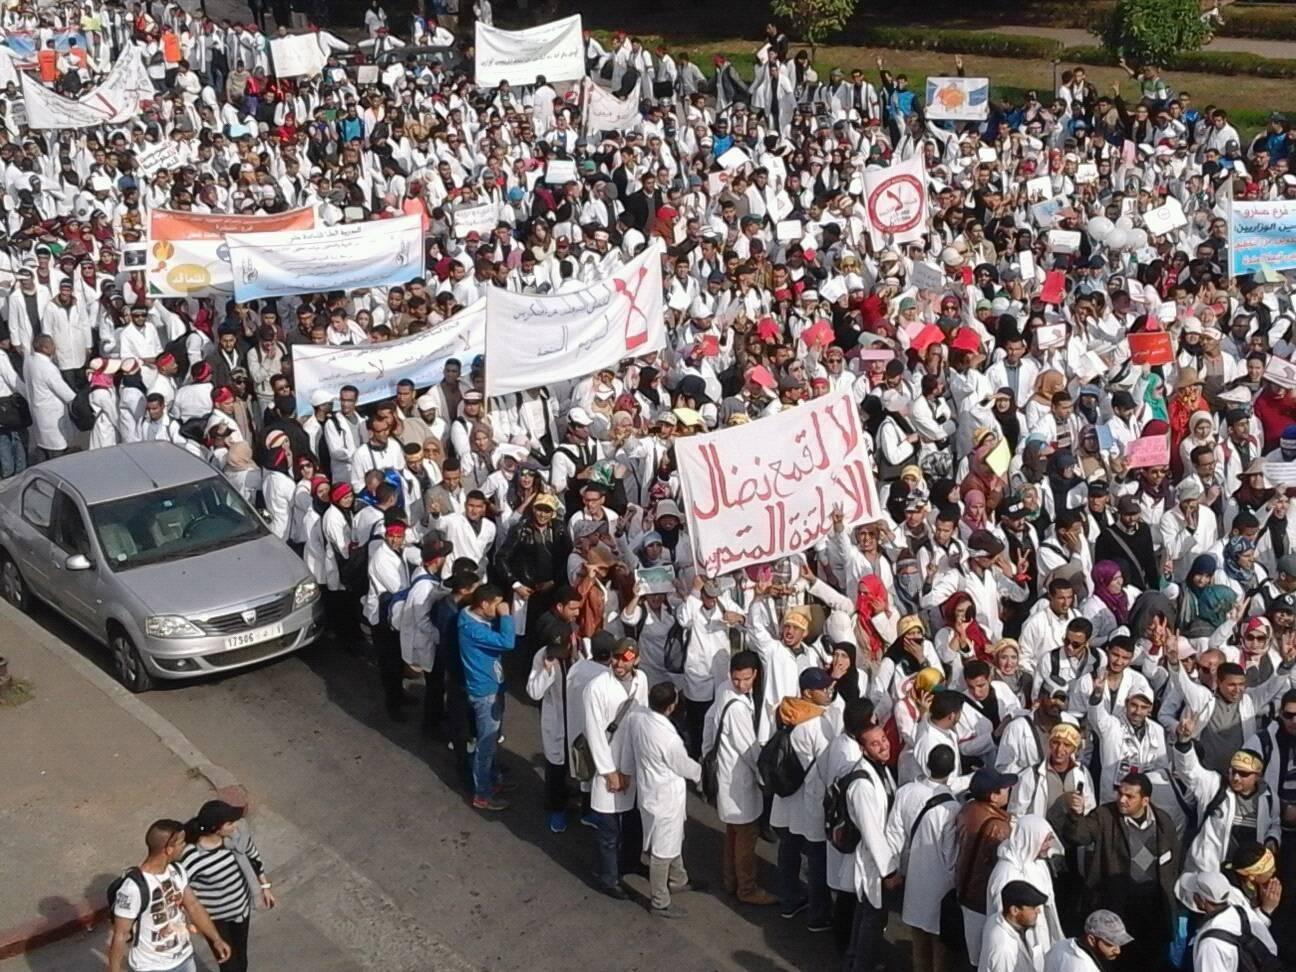 الأساتذة المتدربون يصعدون ويدخلون في إضراب عن الطعام